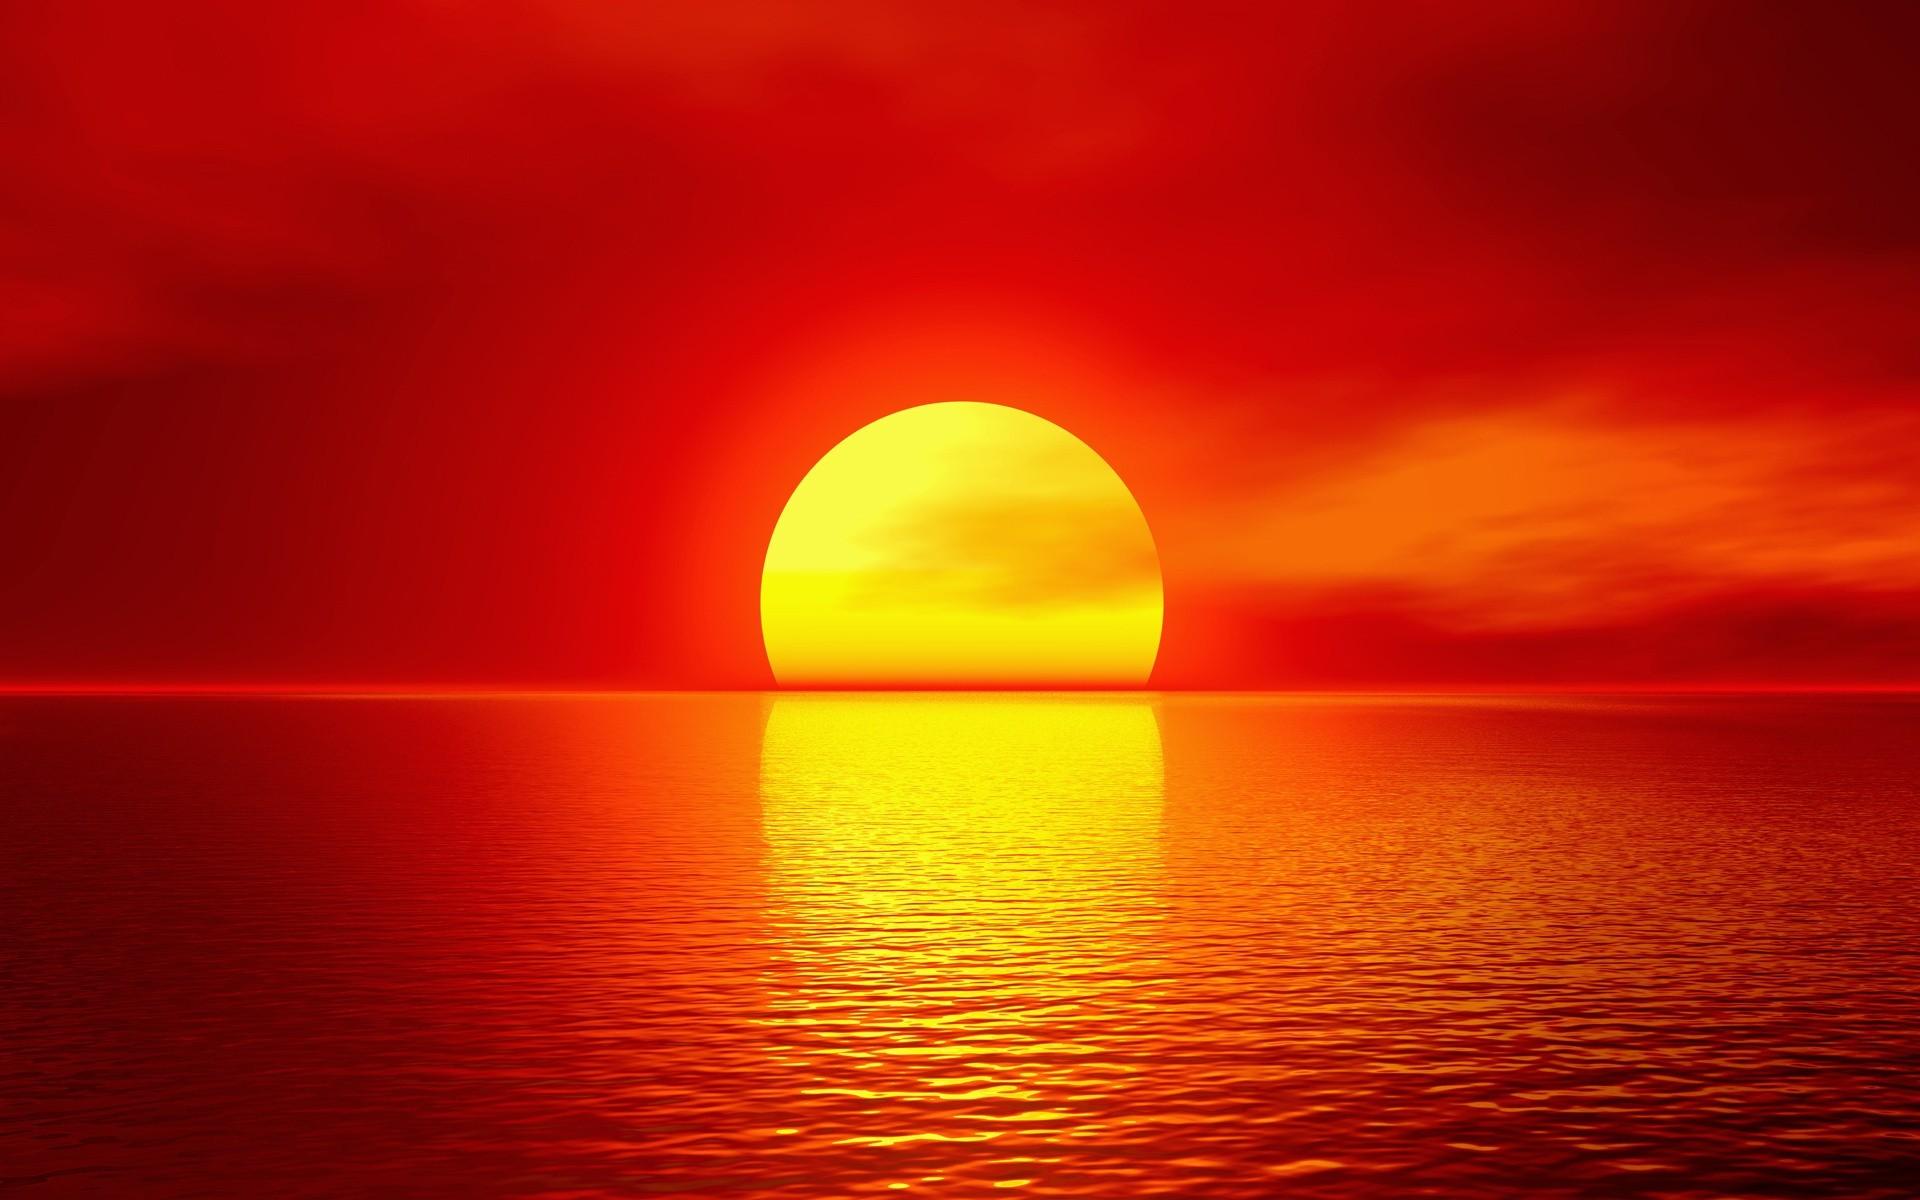 70 Hd Sunset